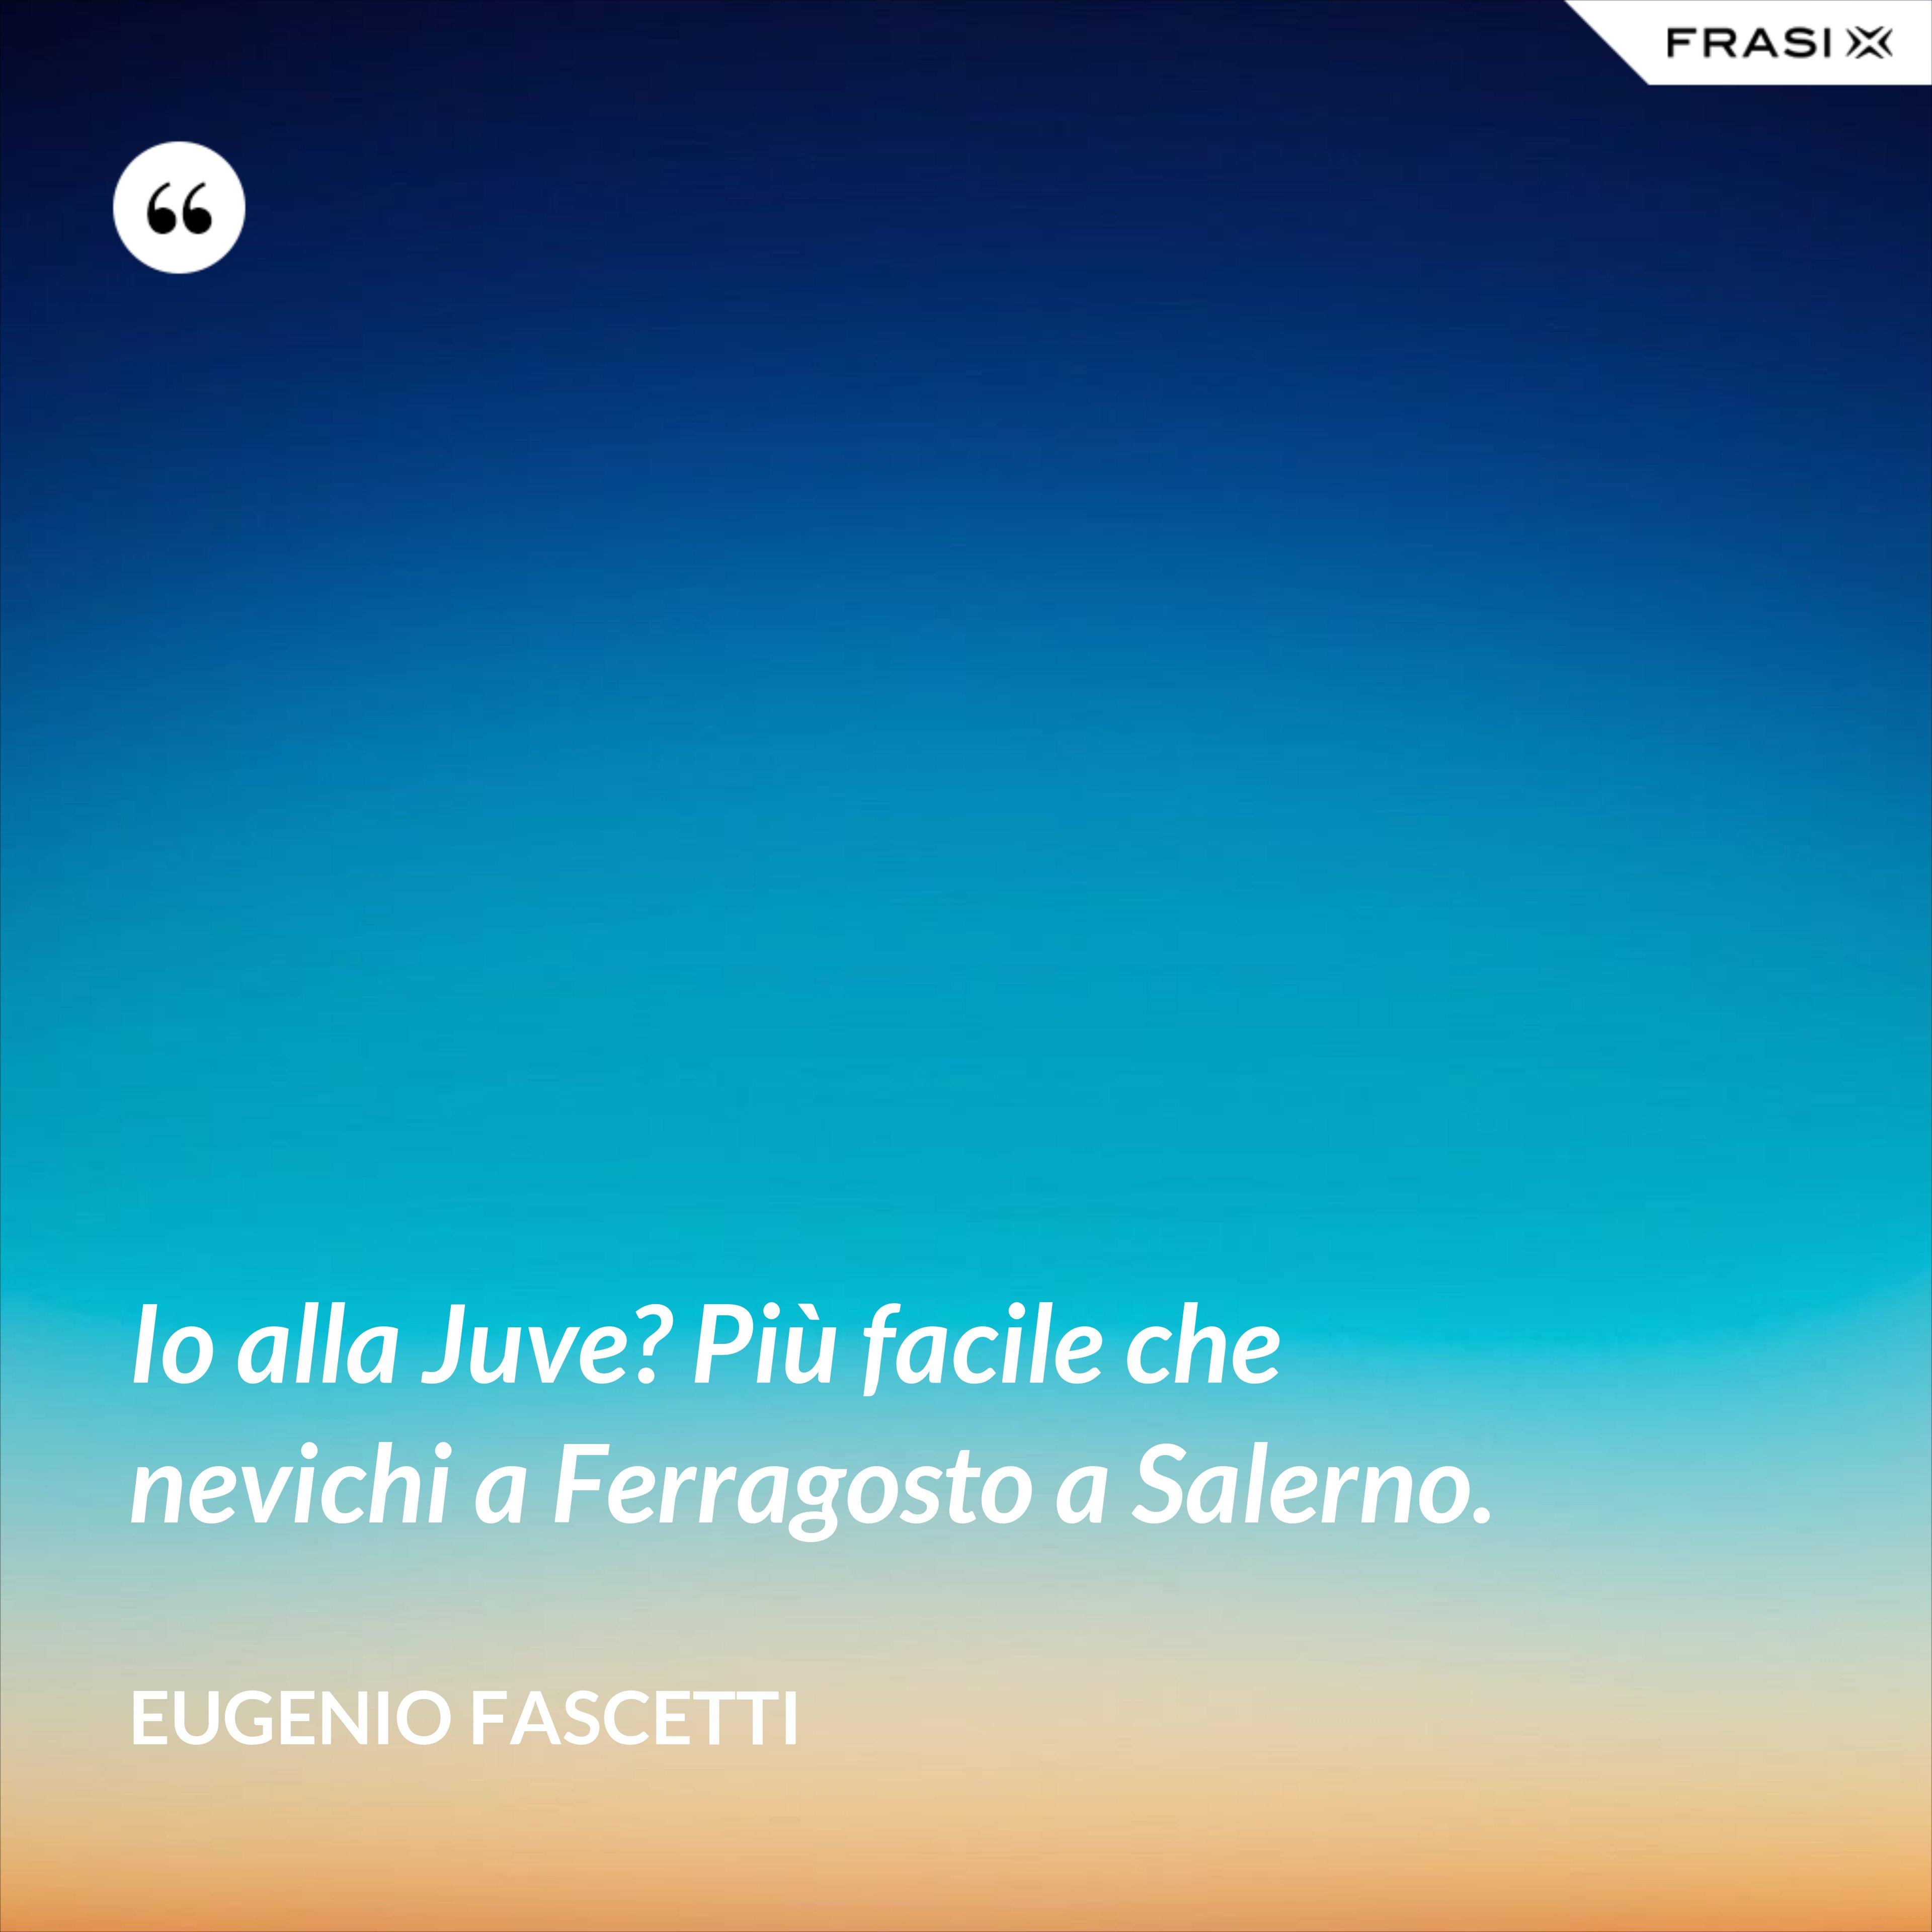 Io alla Juve? Più facile che nevichi a Ferragosto a Salerno. - Eugenio Fascetti